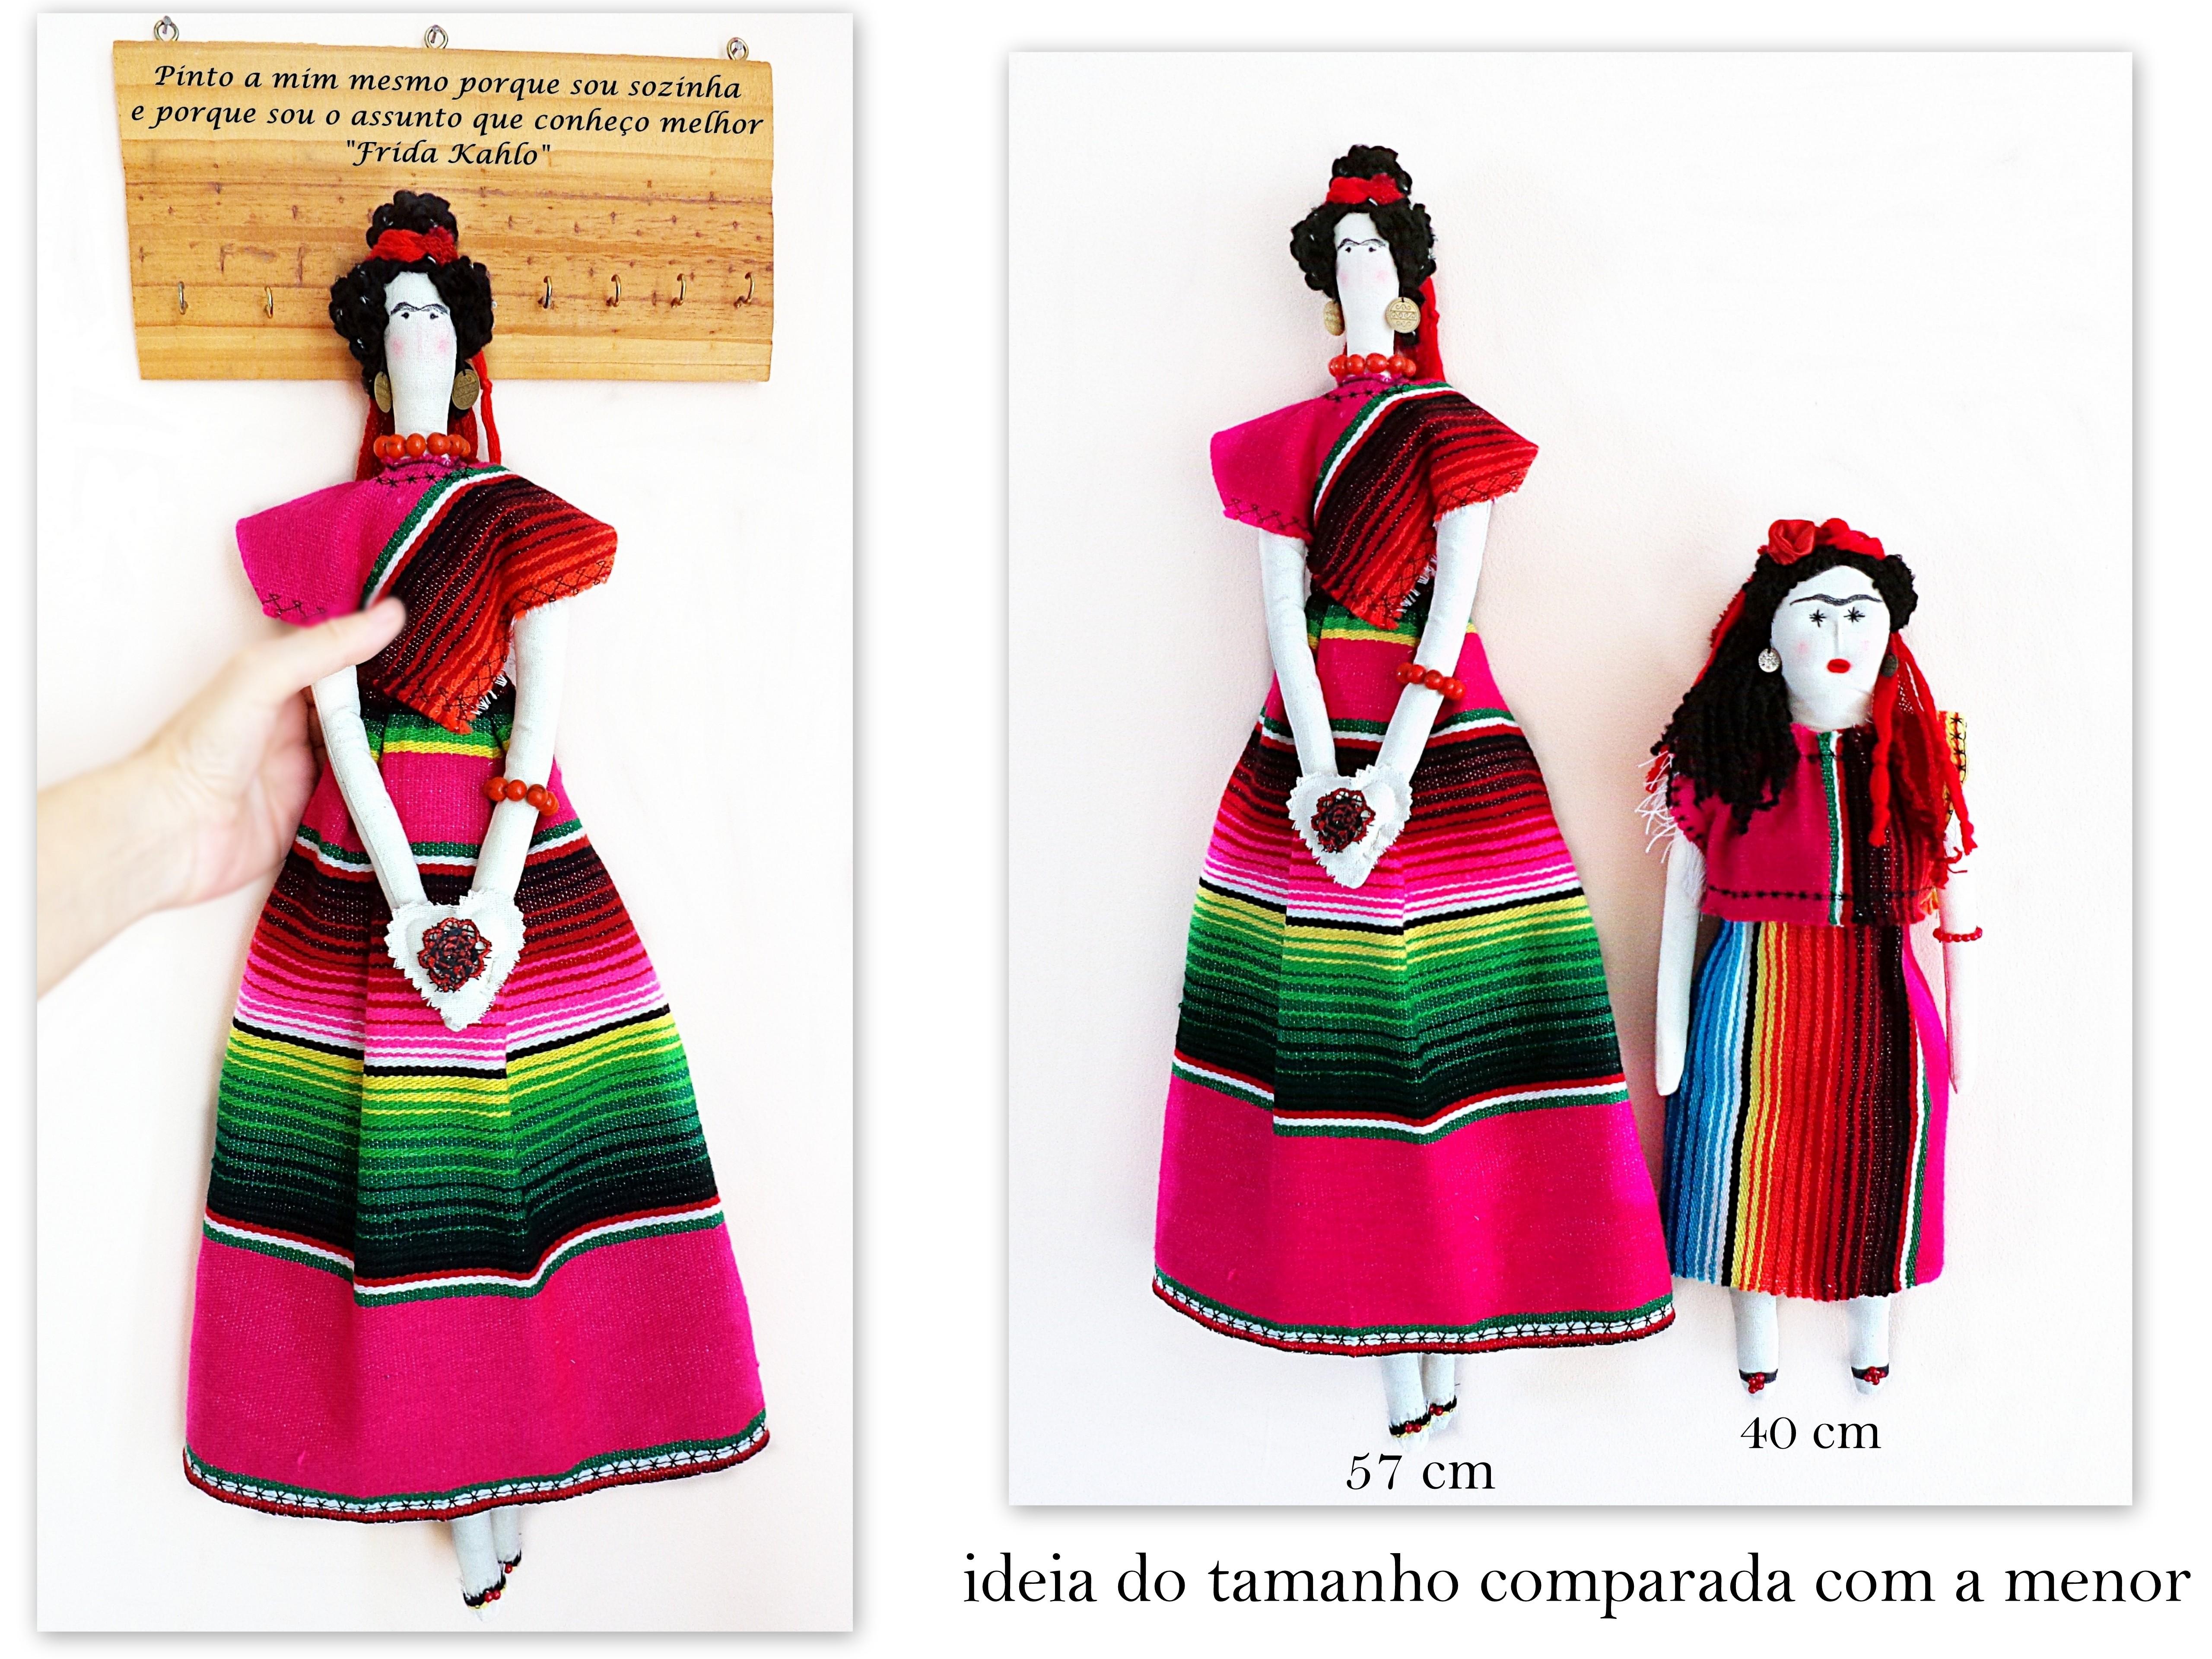 Ao Melhor Frases De Frida Kahlo Em Espanhol: Frida Kahlo Estilo Tilda